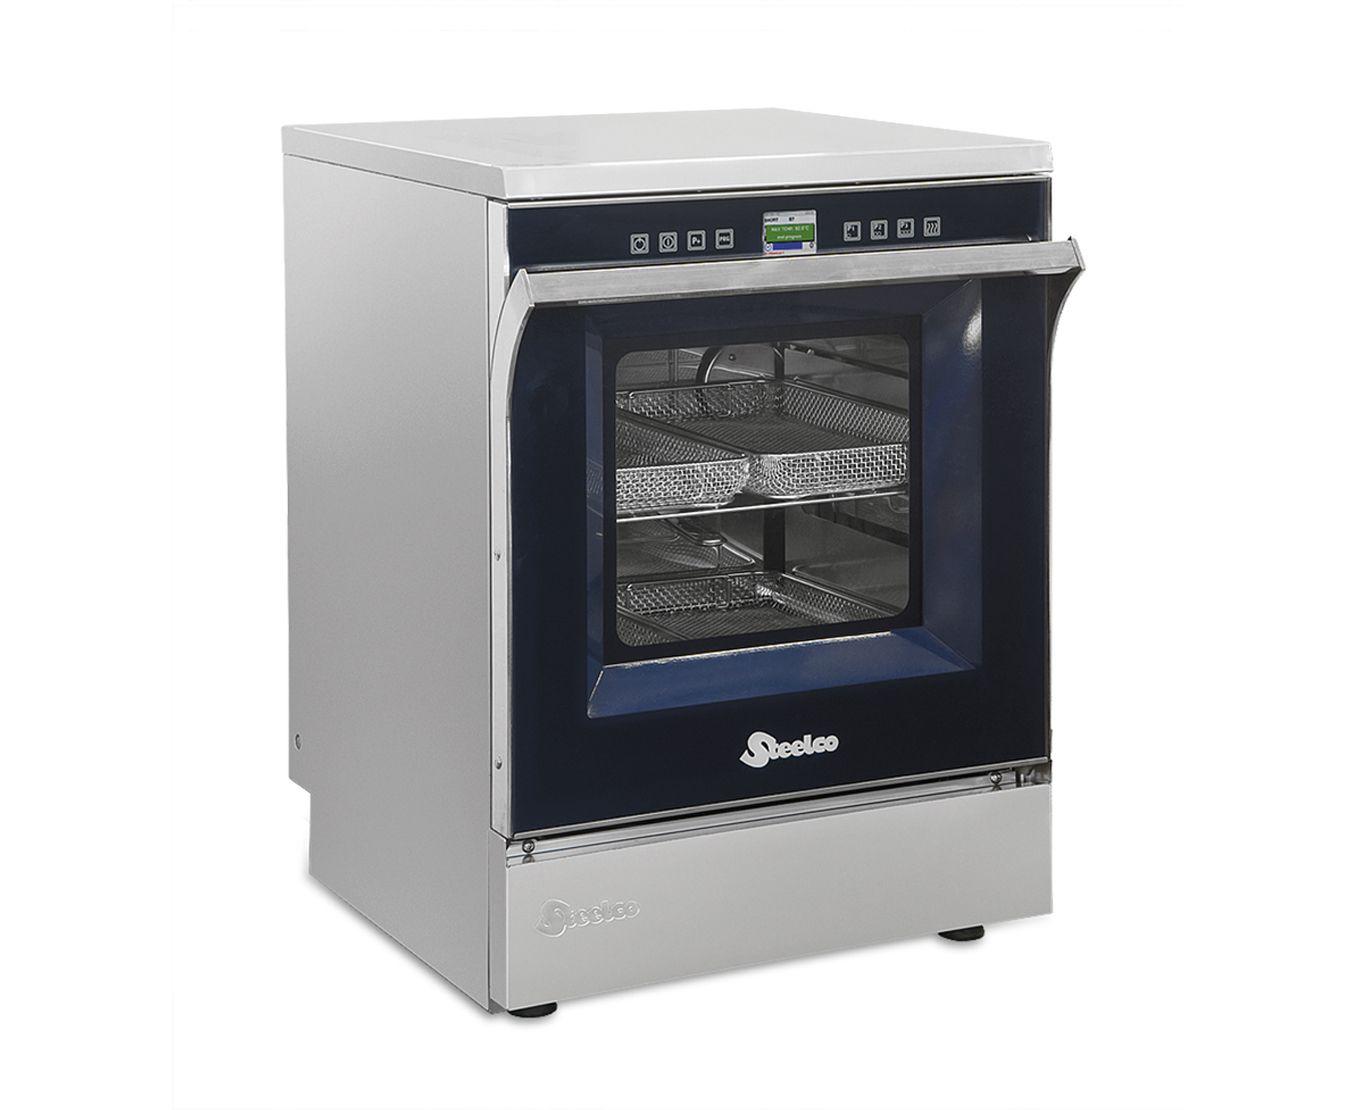 Машина Steelco DS 500 CL для предстерилизационной обработки, 3 дозатора дезсредства